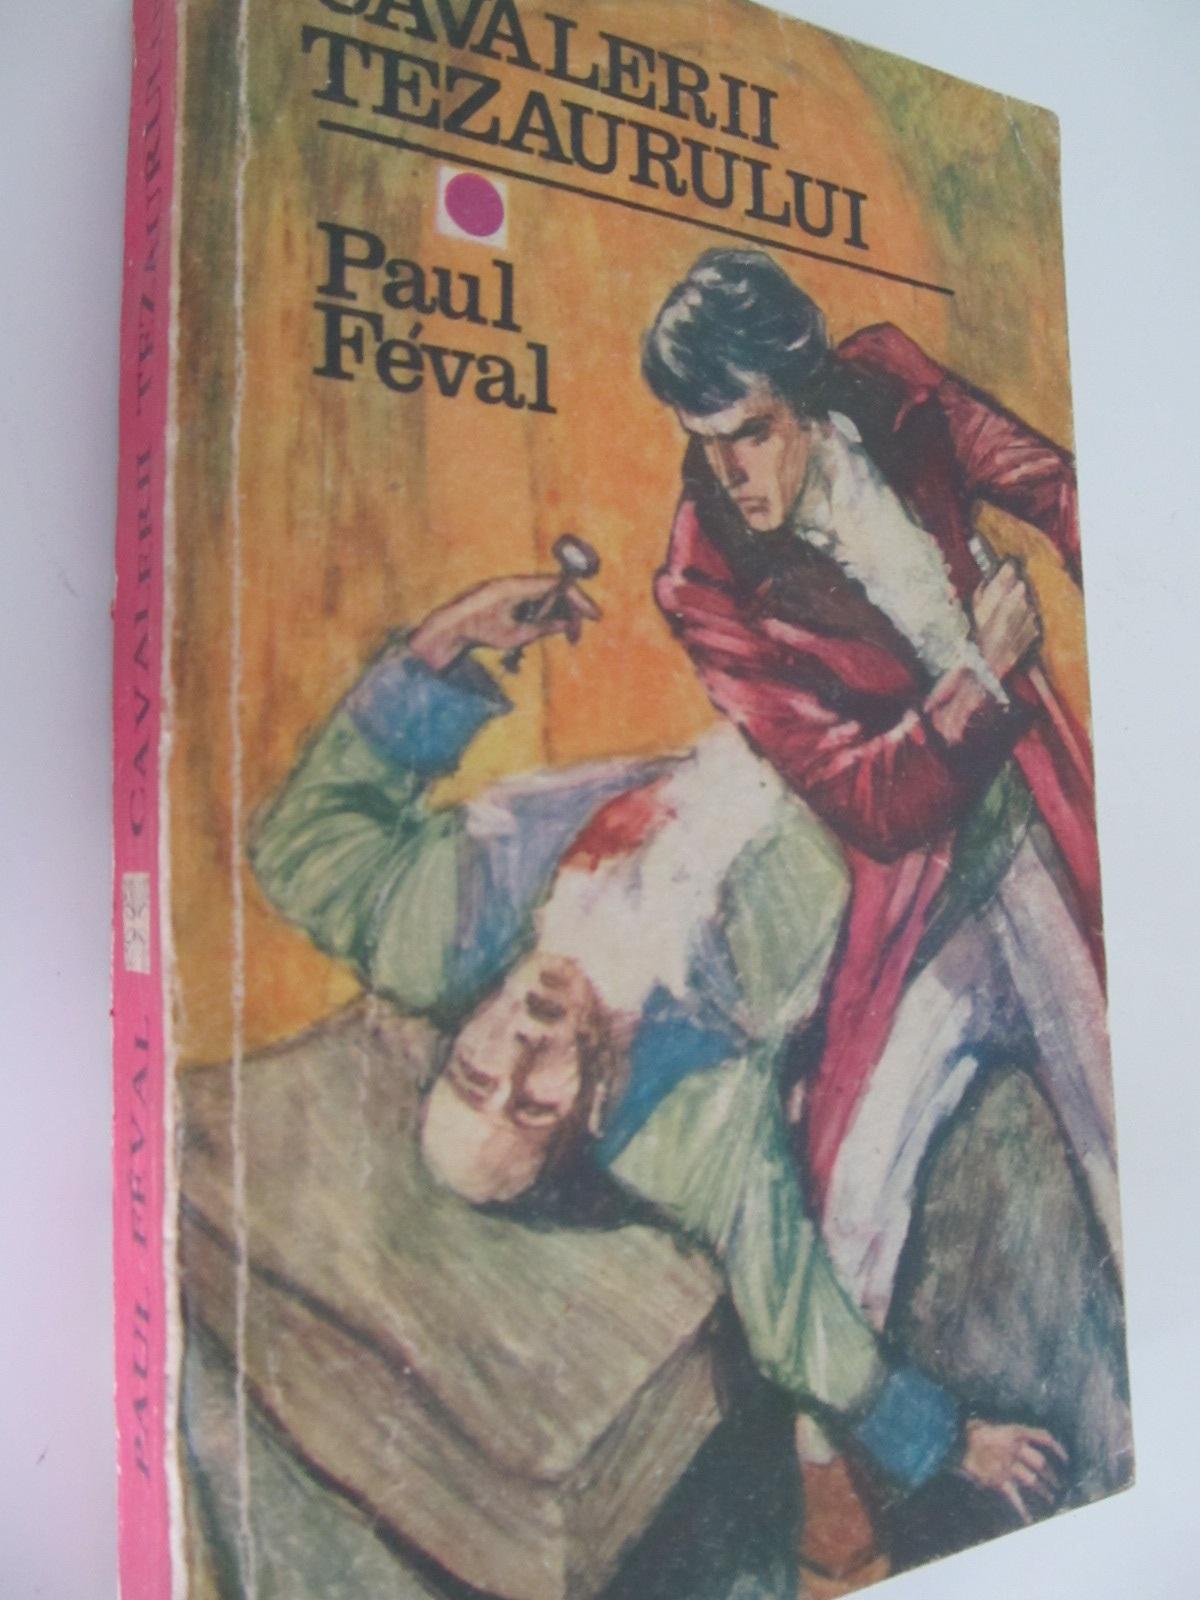 Carte Cavalerii tezaurului - Paul Feval